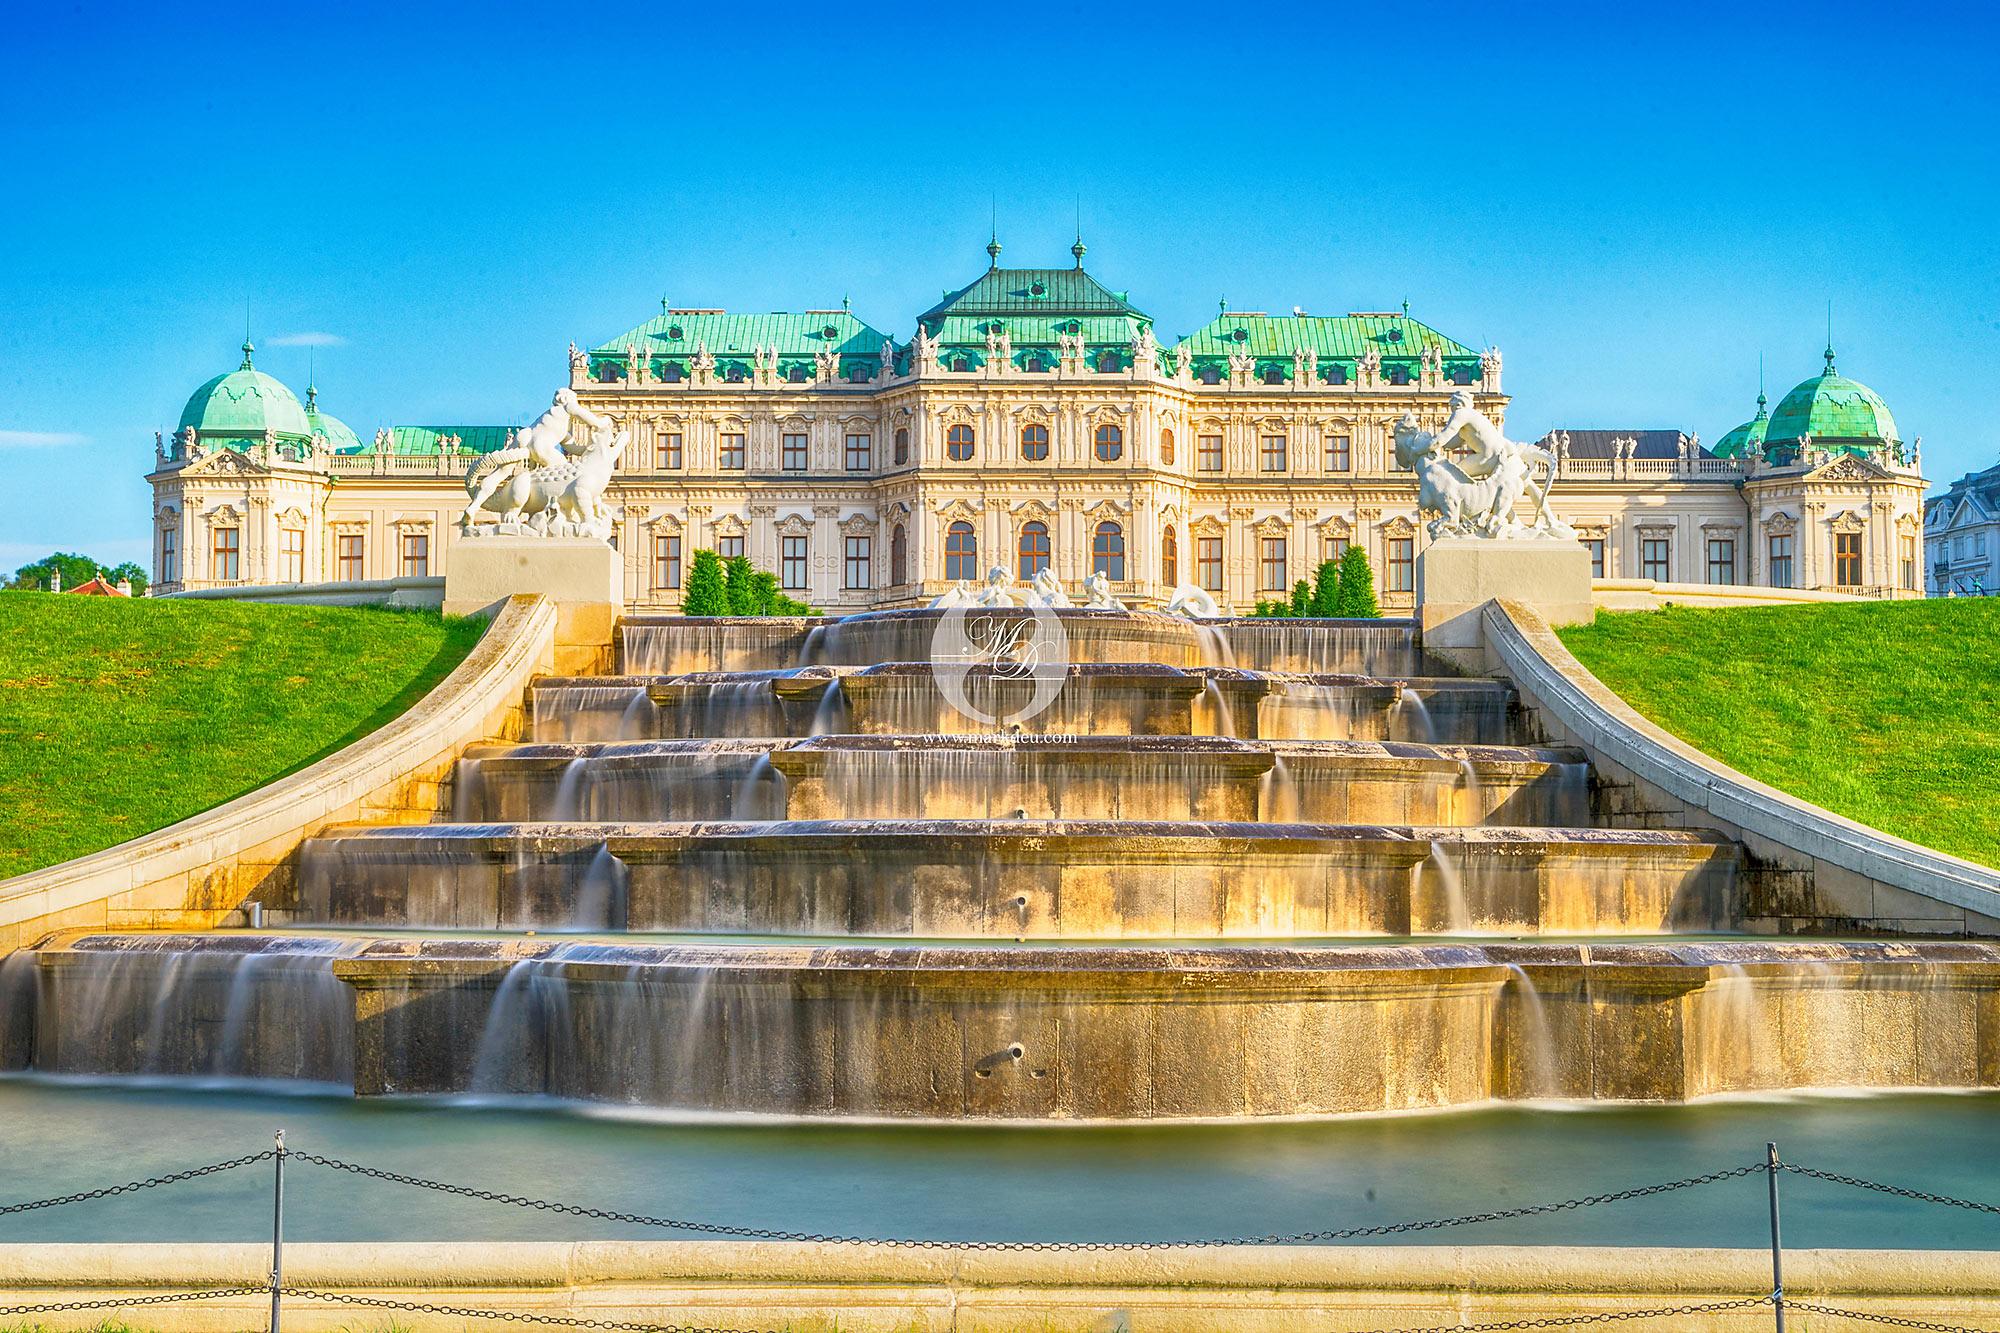 ᐅ Wien Sehenswürdigkeiten In 3 Tagen Reisebericht Markdeu